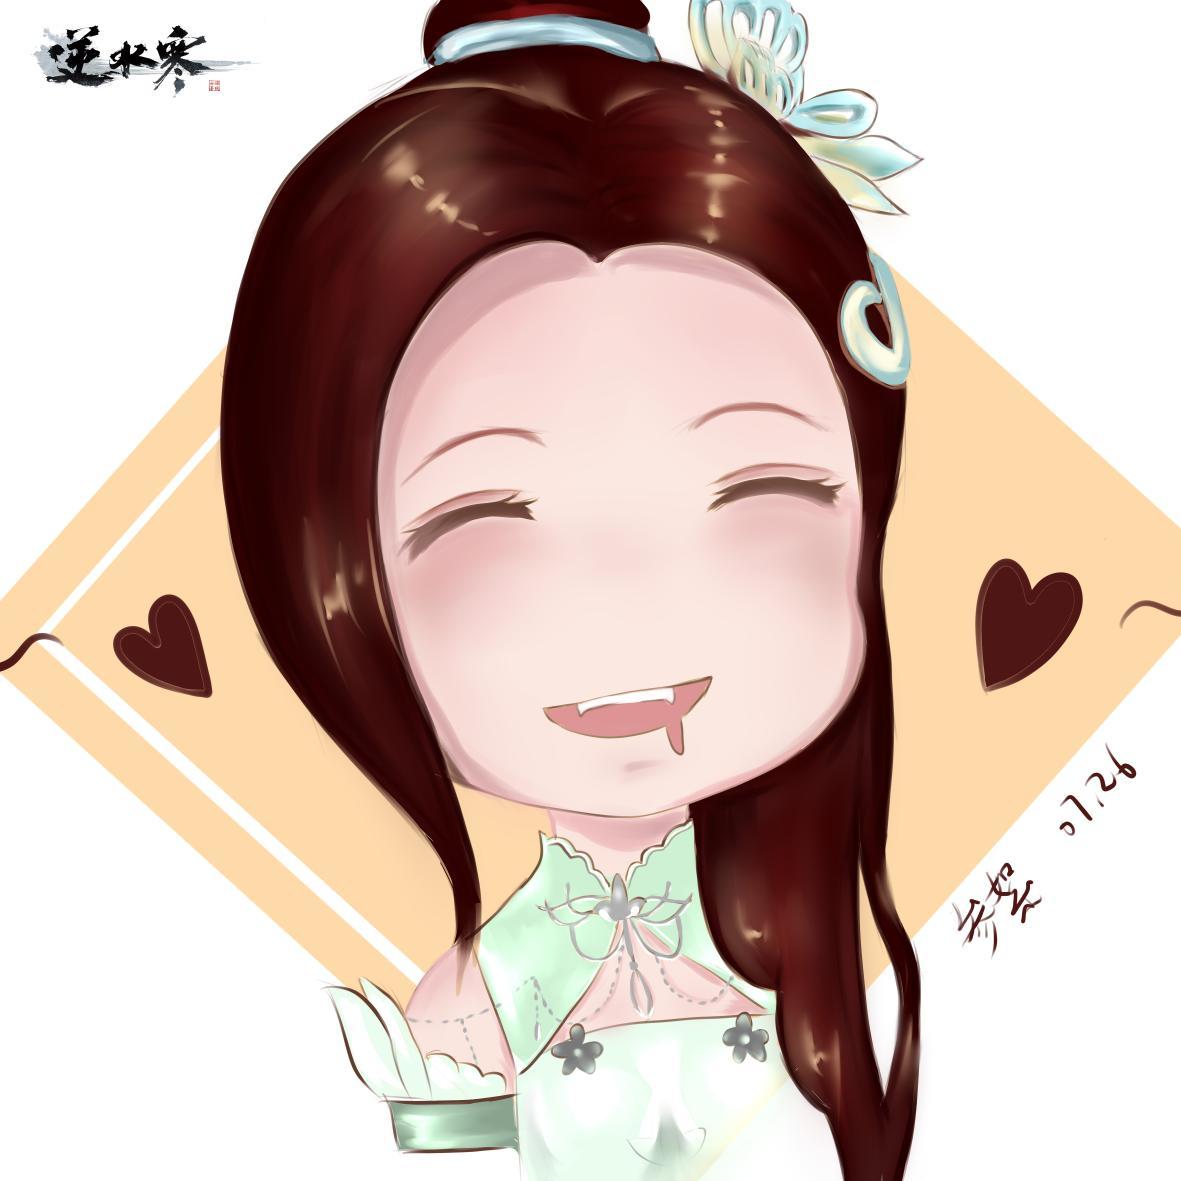 【自在门】手绘动图,笑起来超可爱的新发型小姐姐(。・ω・。)ノ